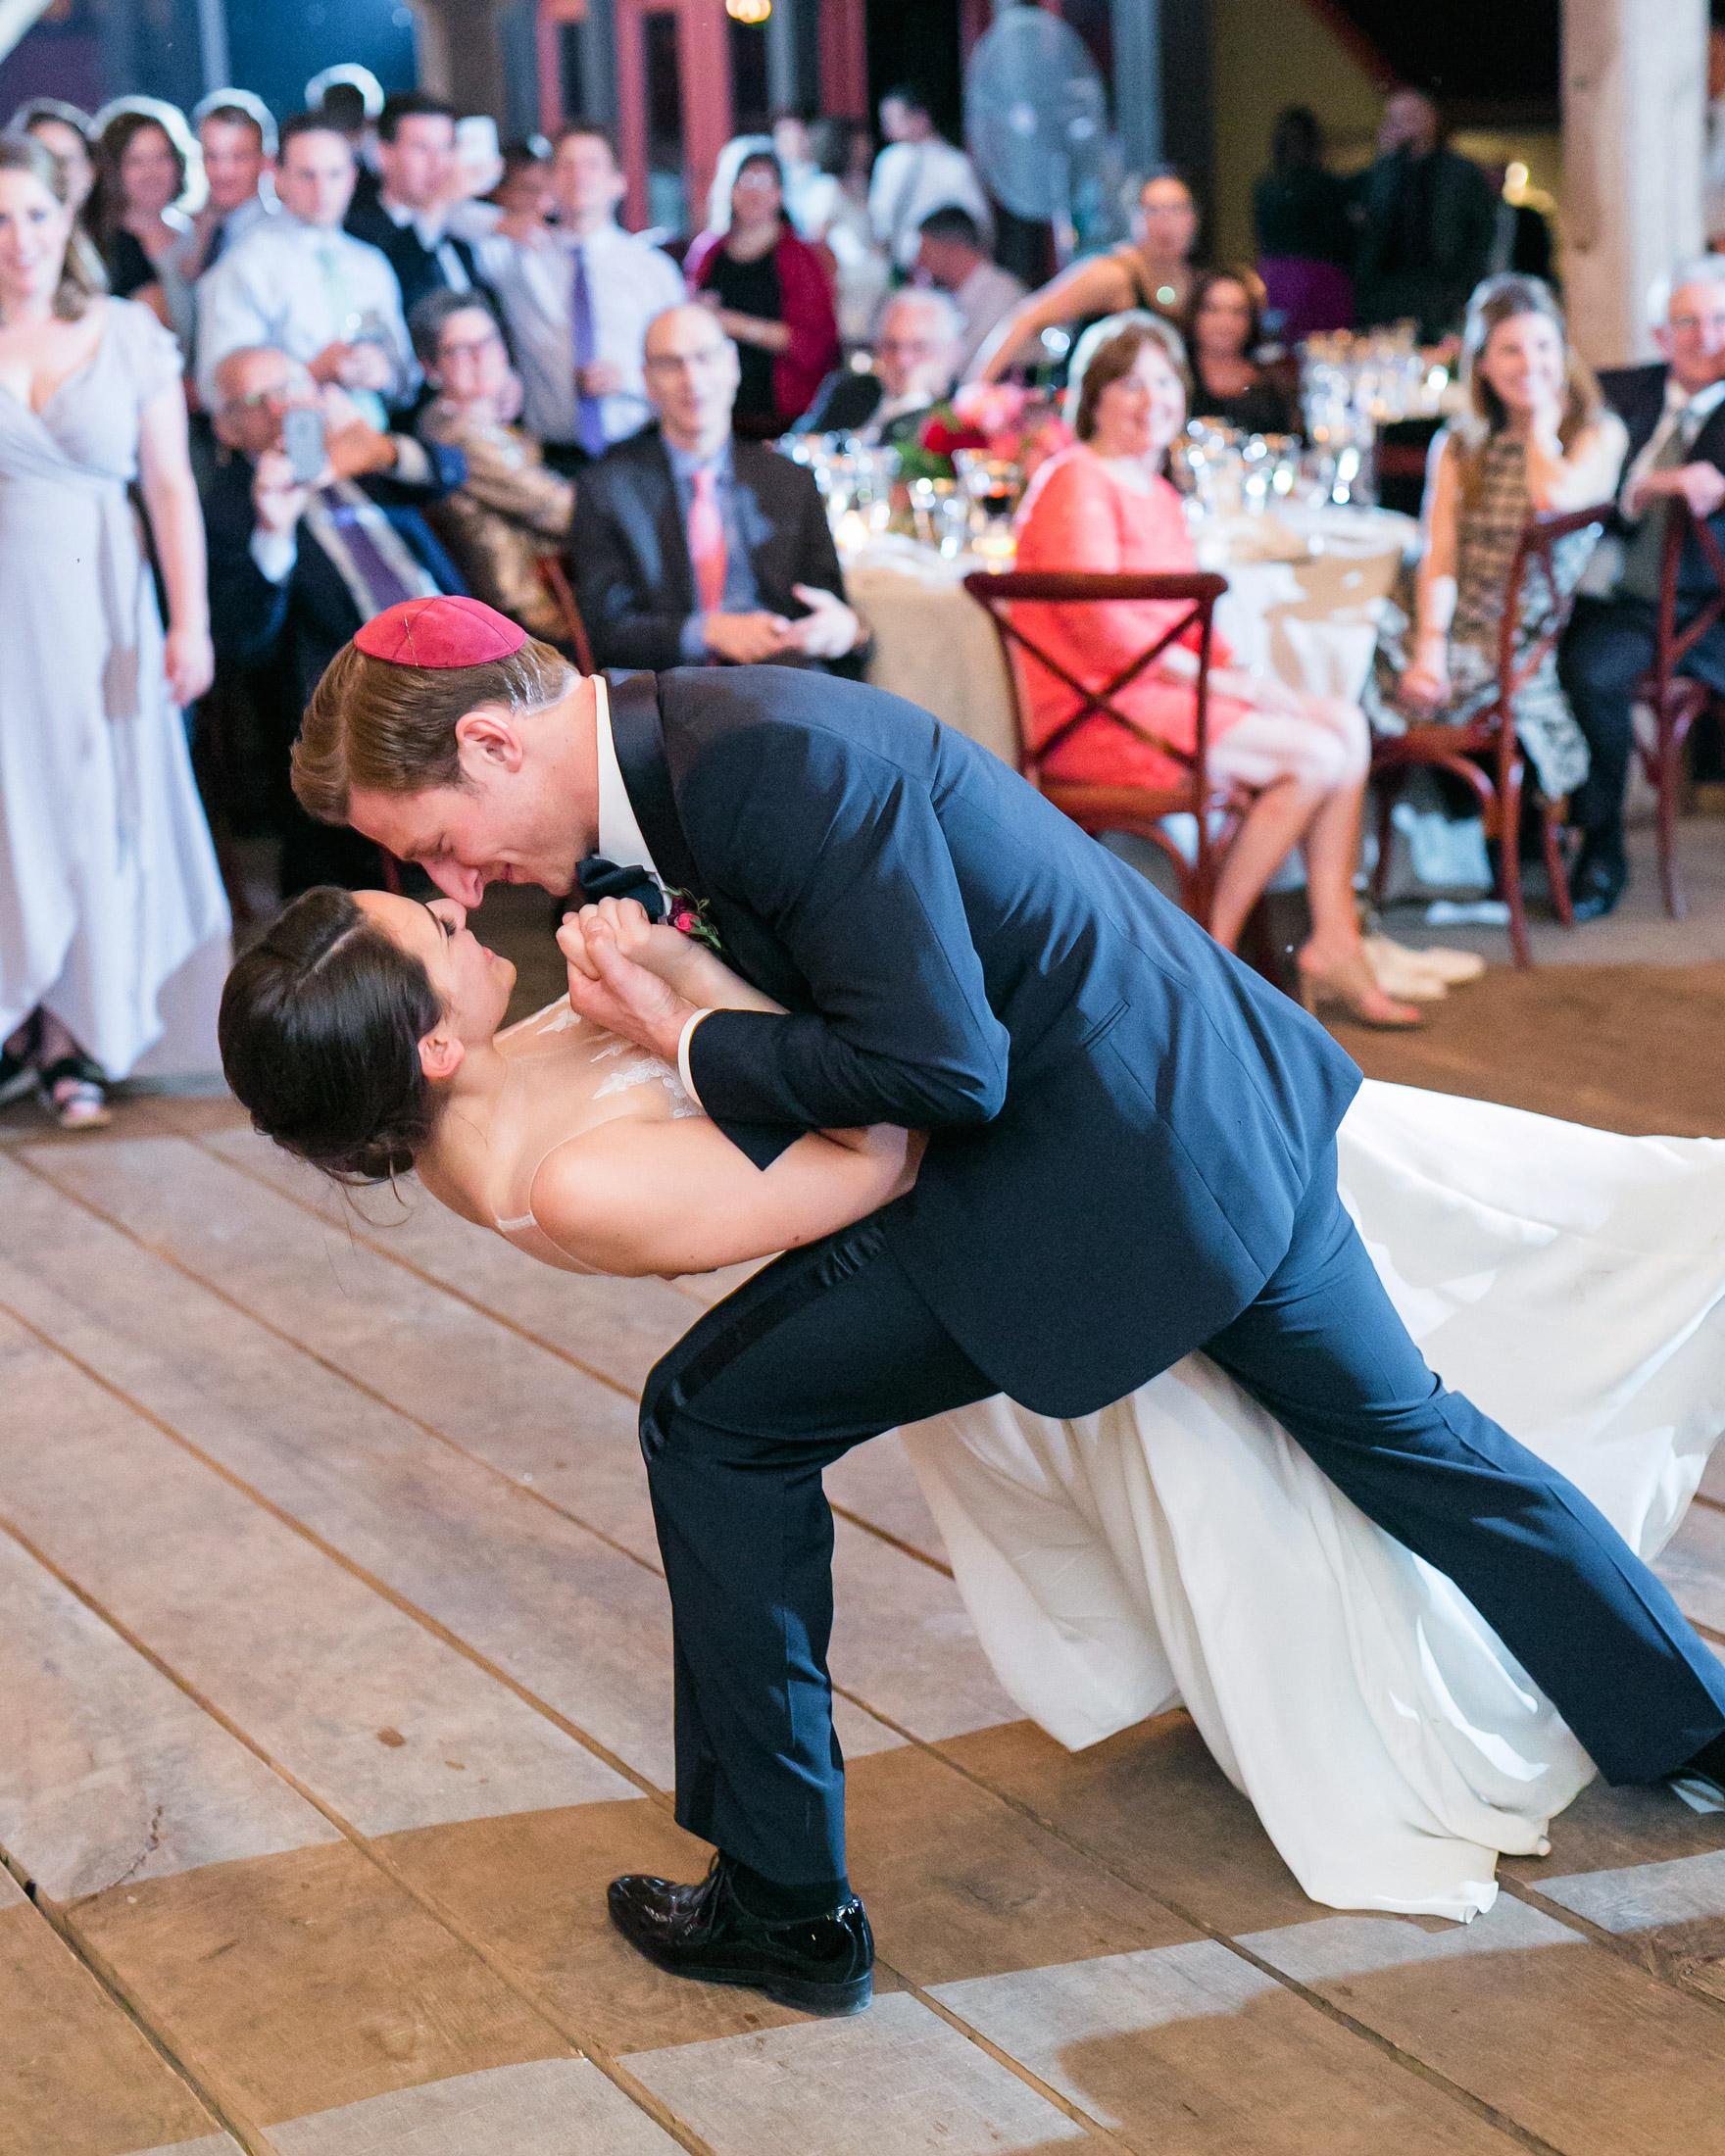 sasha-tyler-wedding-virginia-dance-dip-72-s112867.jpg